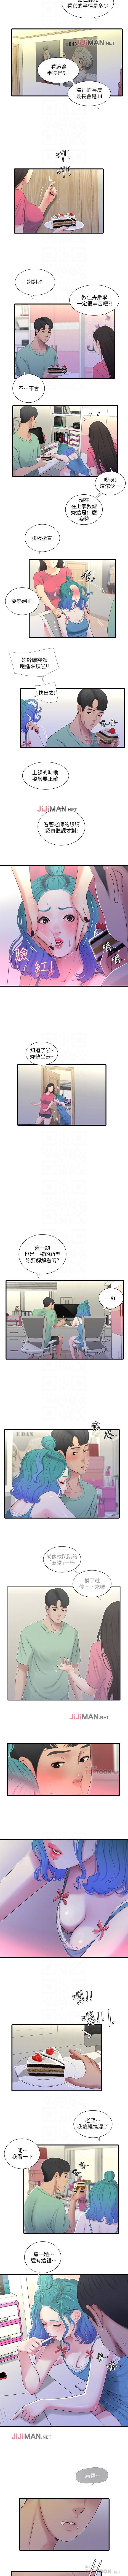 【周四连载】亲家四姐妹(作者:愛摸) 第1~37话 111